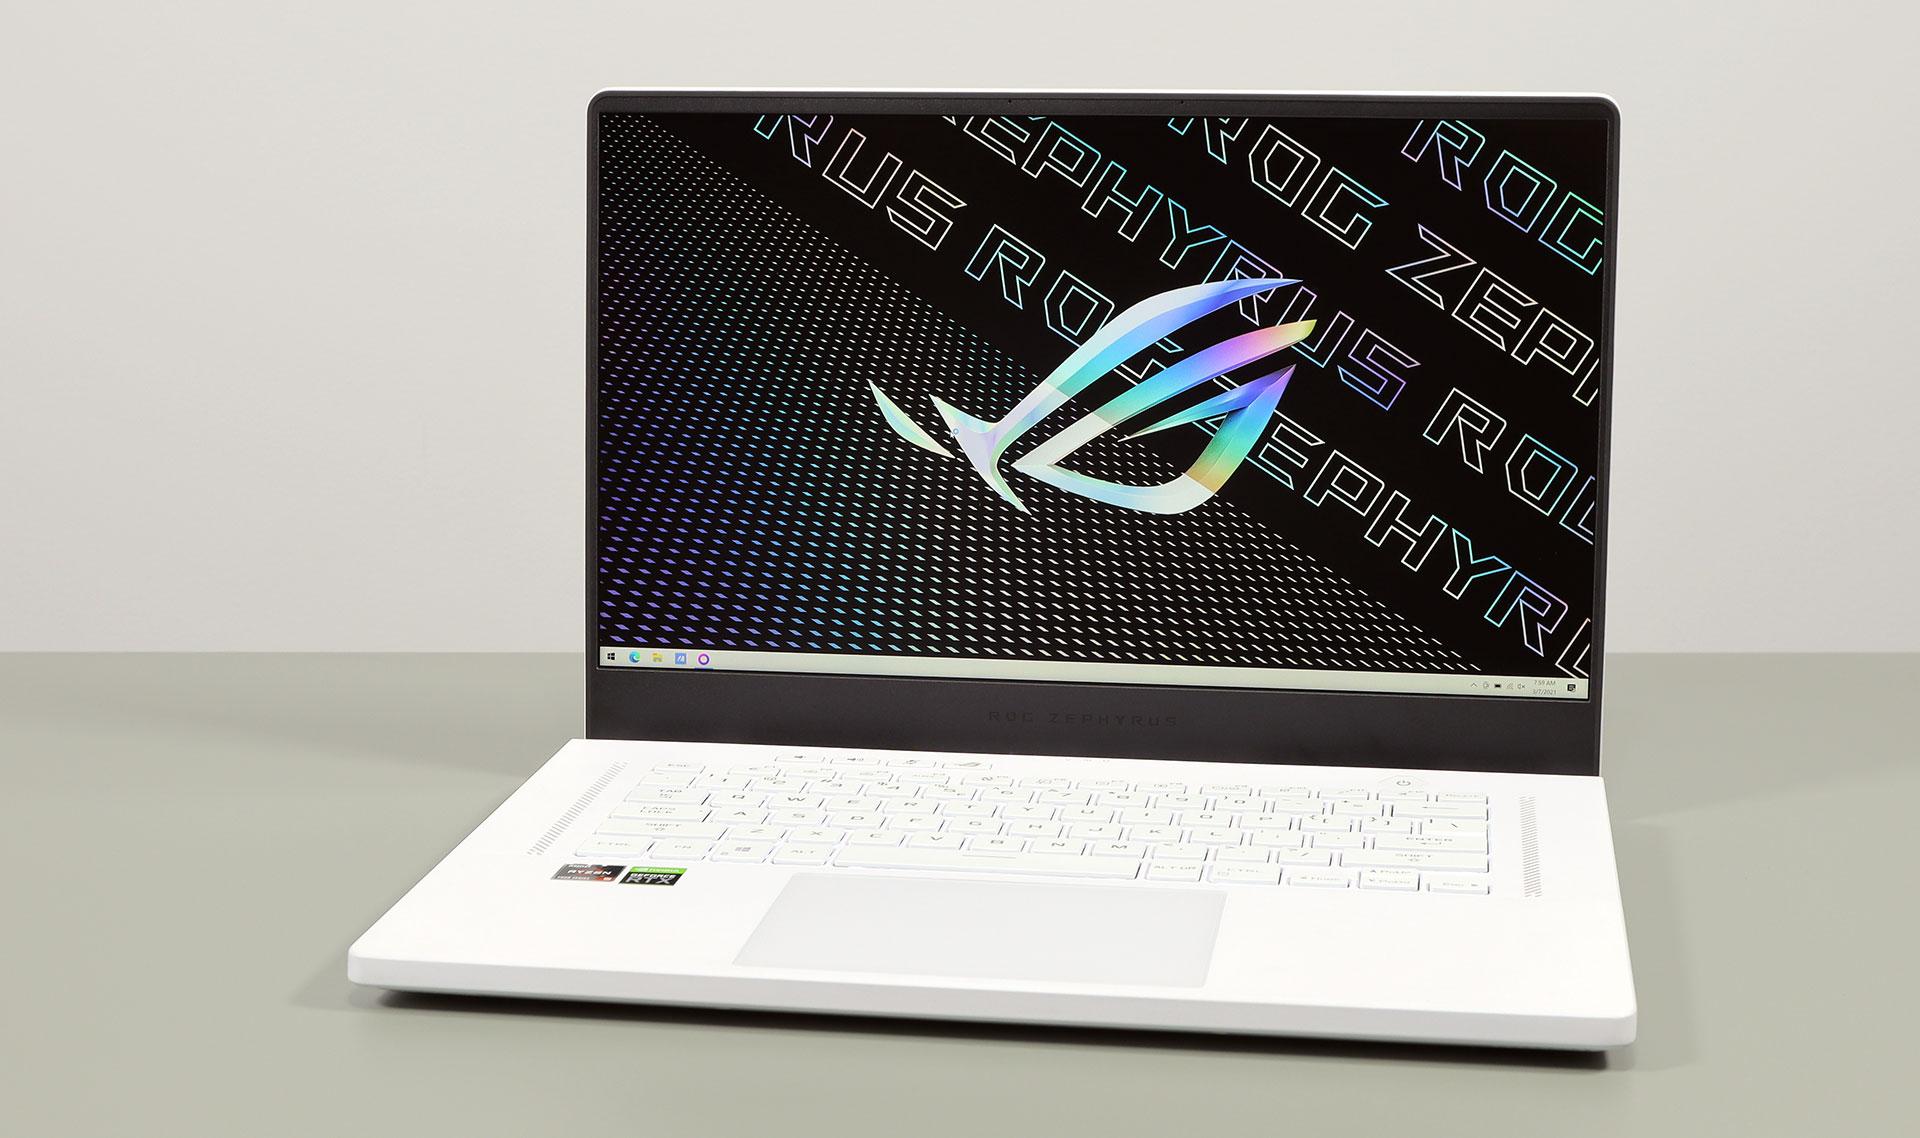 ASUS ROG Zephyrus G15 GA503 review – RTX 3080 și 3070 într-un laptop portabil